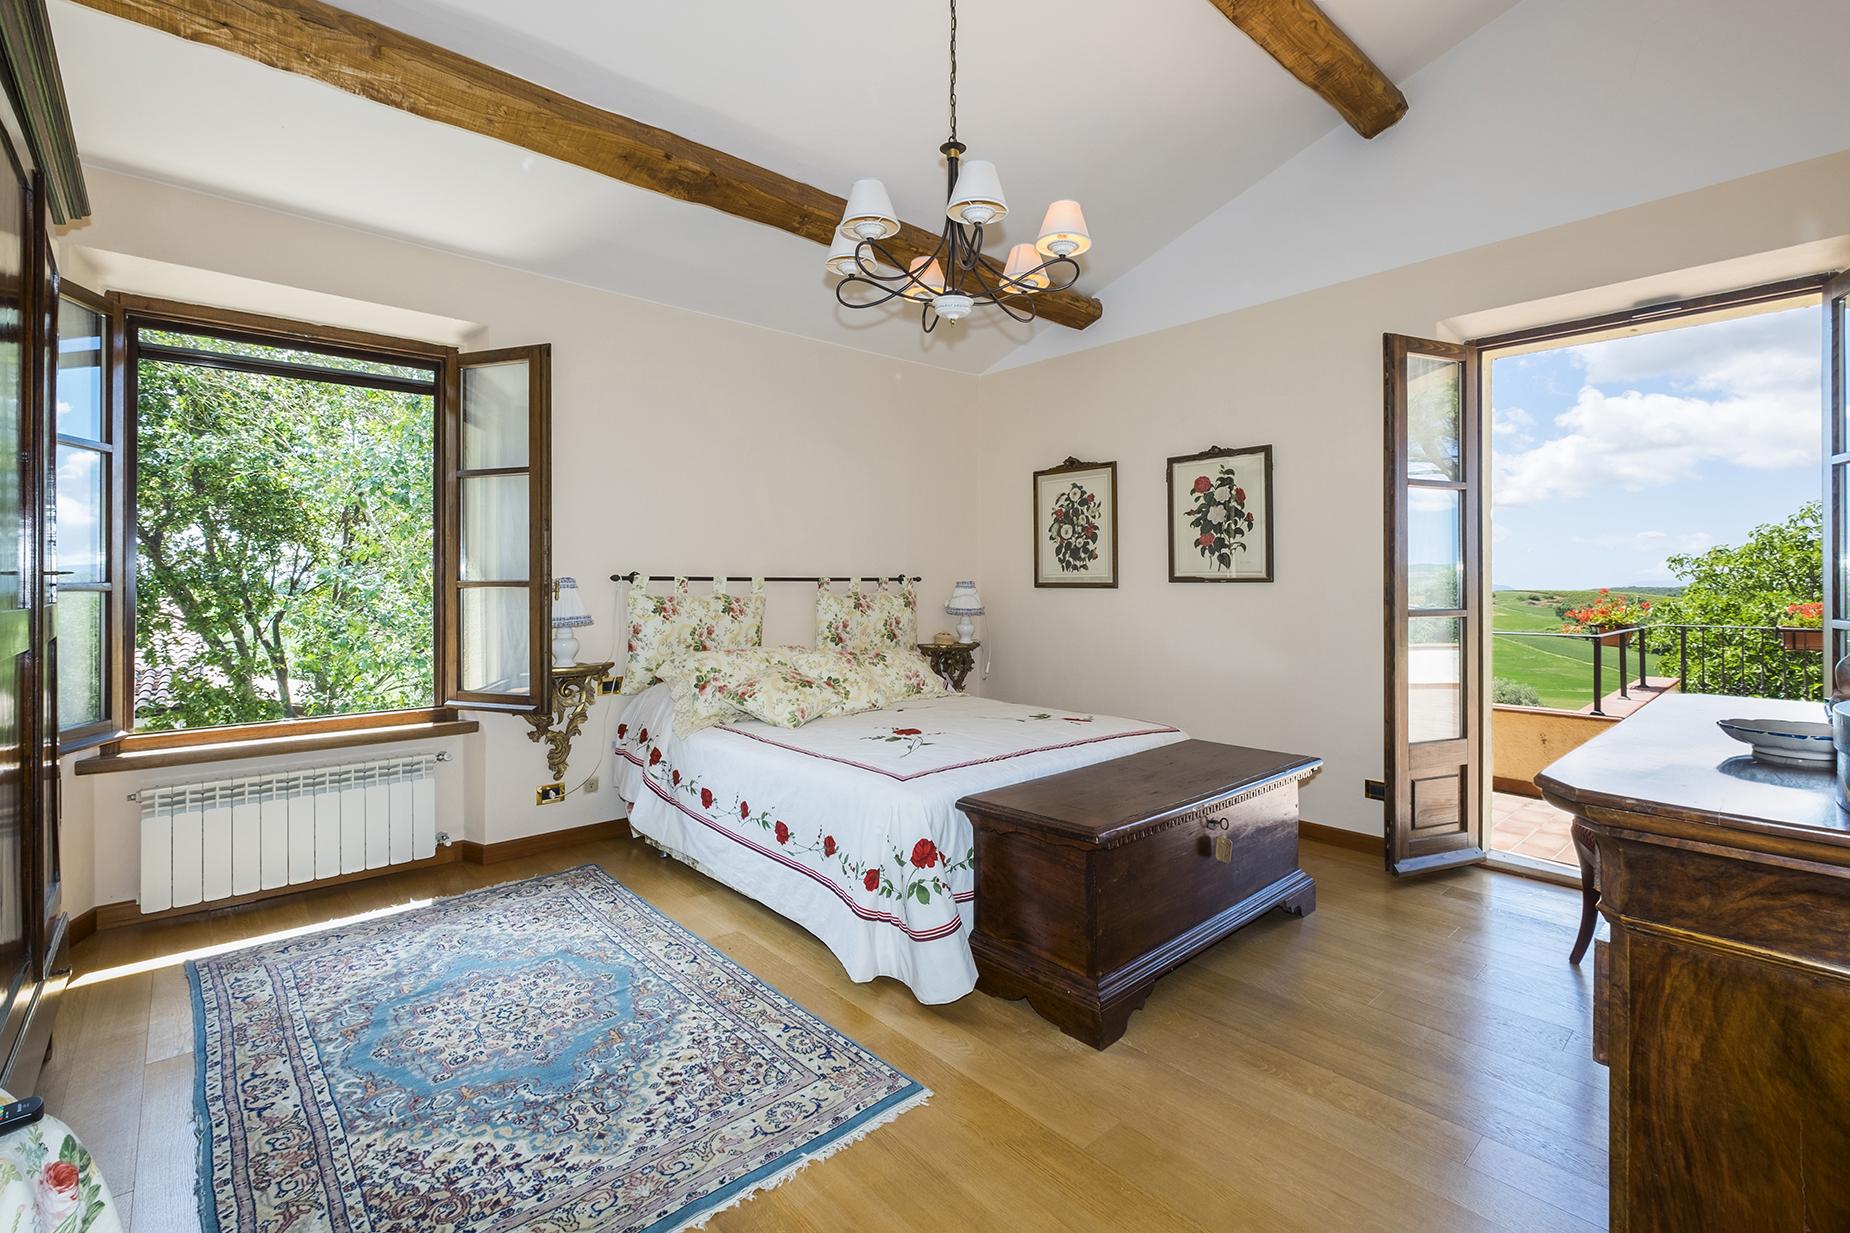 Rustico in Vendita a Magliano In Toscana: 5 locali, 320 mq - Foto 10